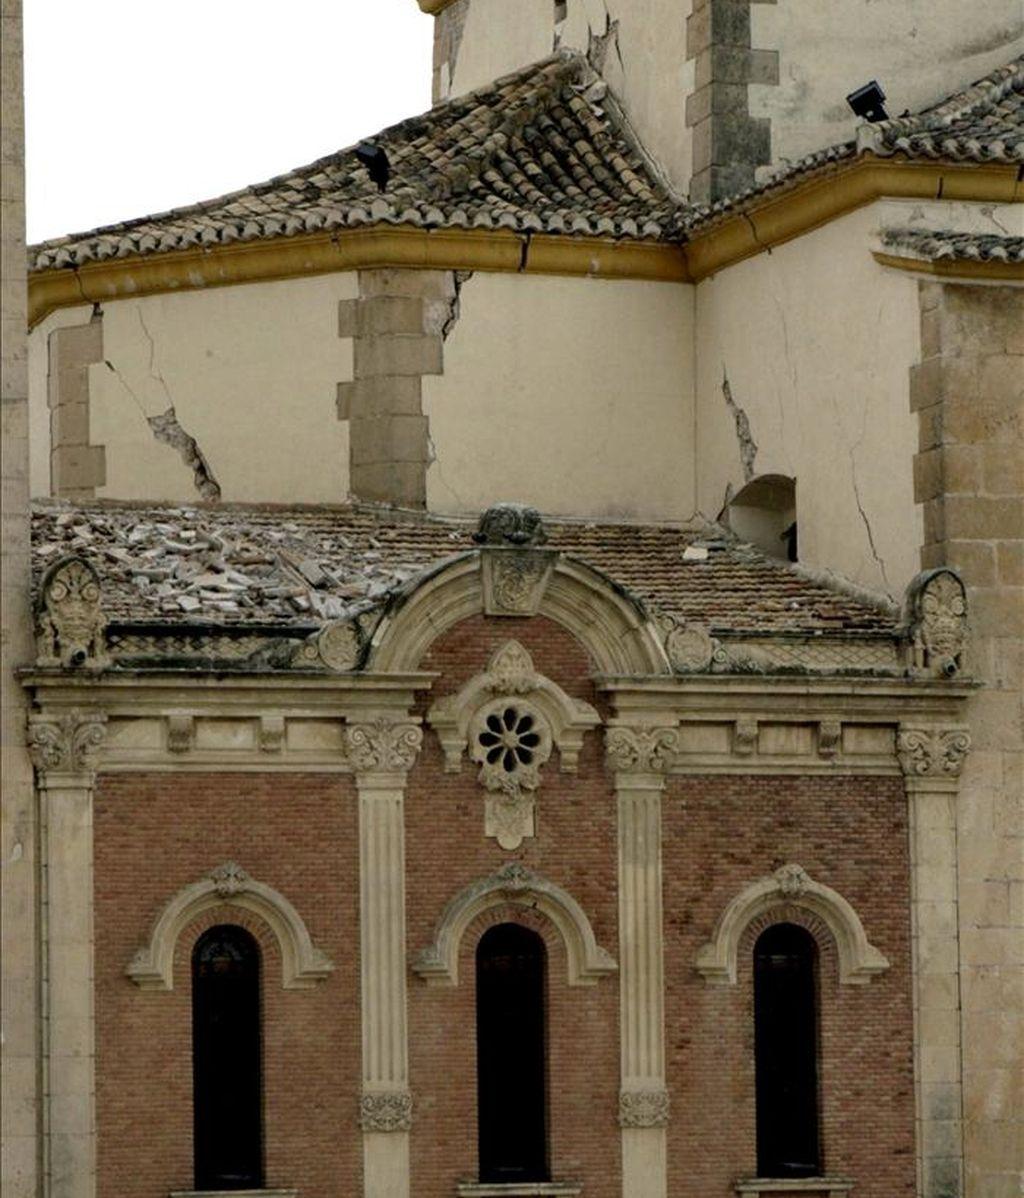 La cúpula de la iglesia de la Virgen de las Huertas que resultó seriamente dañada a causa del terremoto de 5,1 grados en la escala de Richter que sacudió este miércoles la ciudad de Lorca (sureste español) y en el que nueve personas han muerto y casi 300 han resultado heridas. EFE